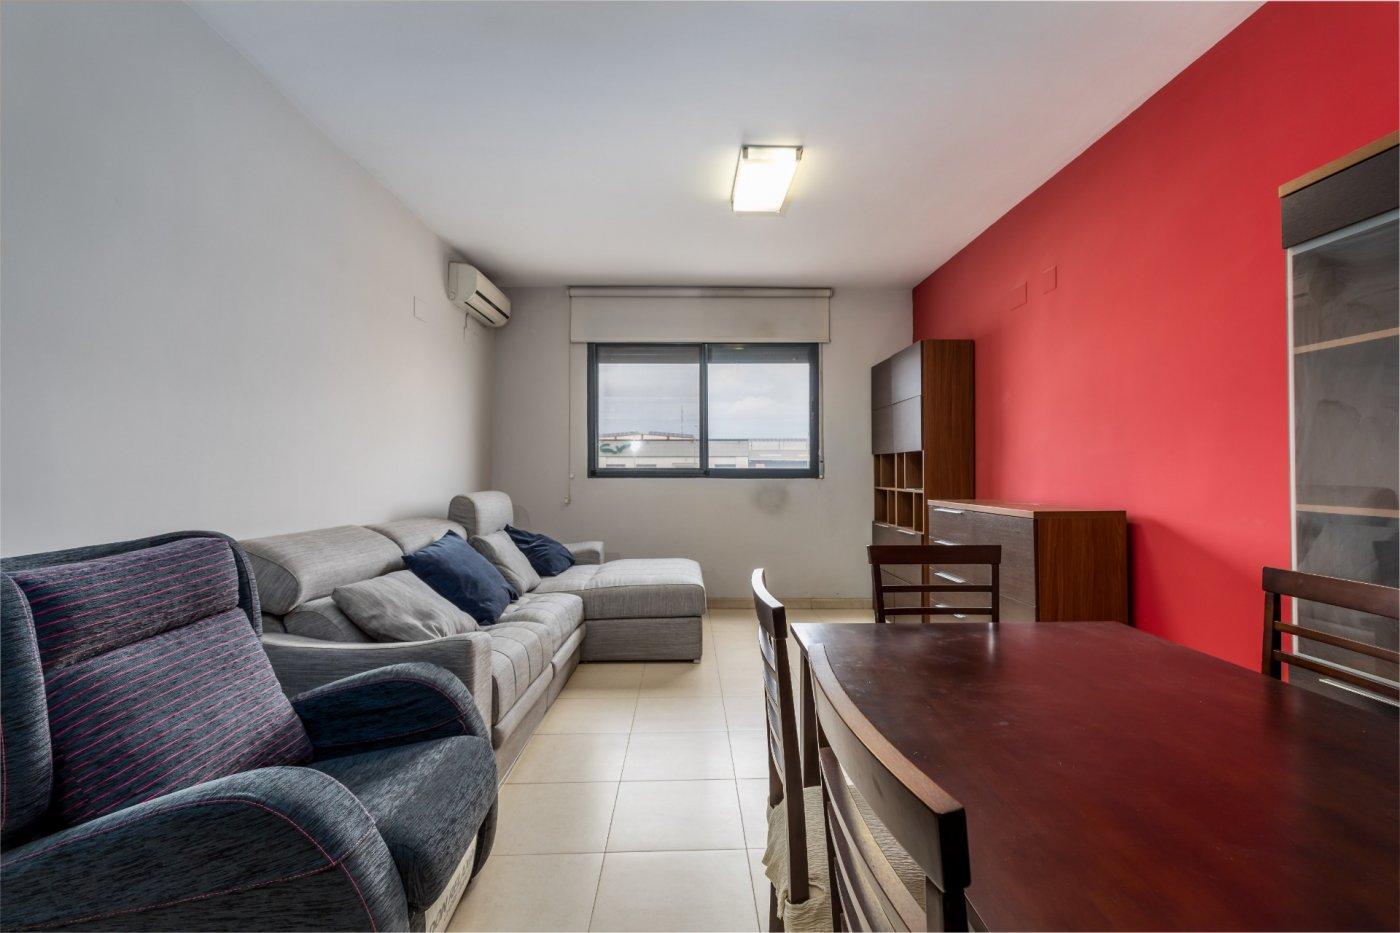 Affitto Appartamento  Calle doctor amalio marques. Vivienda de obra nueva de 3 habitaciones y dos baños en la entra